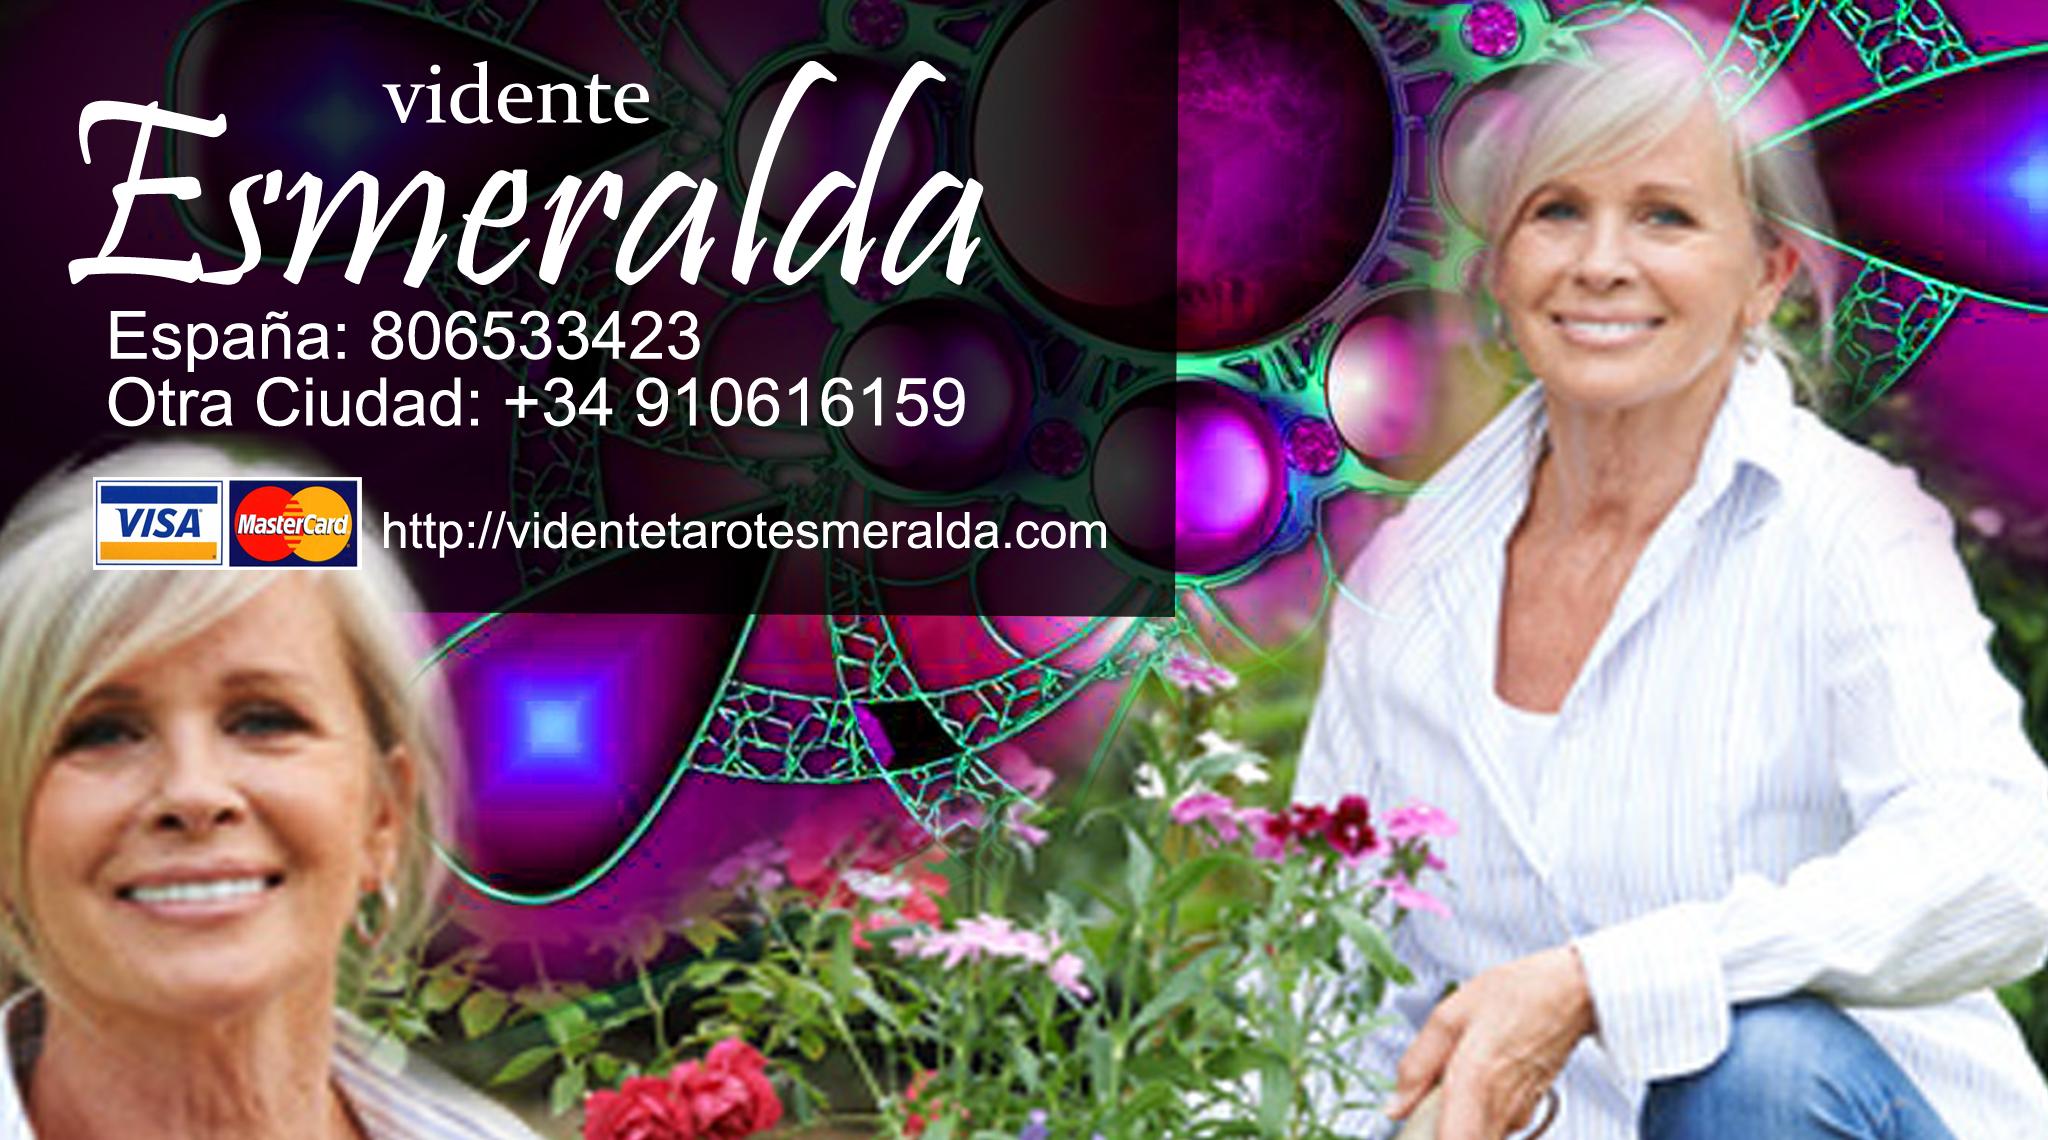 Esmeralda Llanos Tarot ✅ Vidente esmeralda ☎ opiniones teléfono